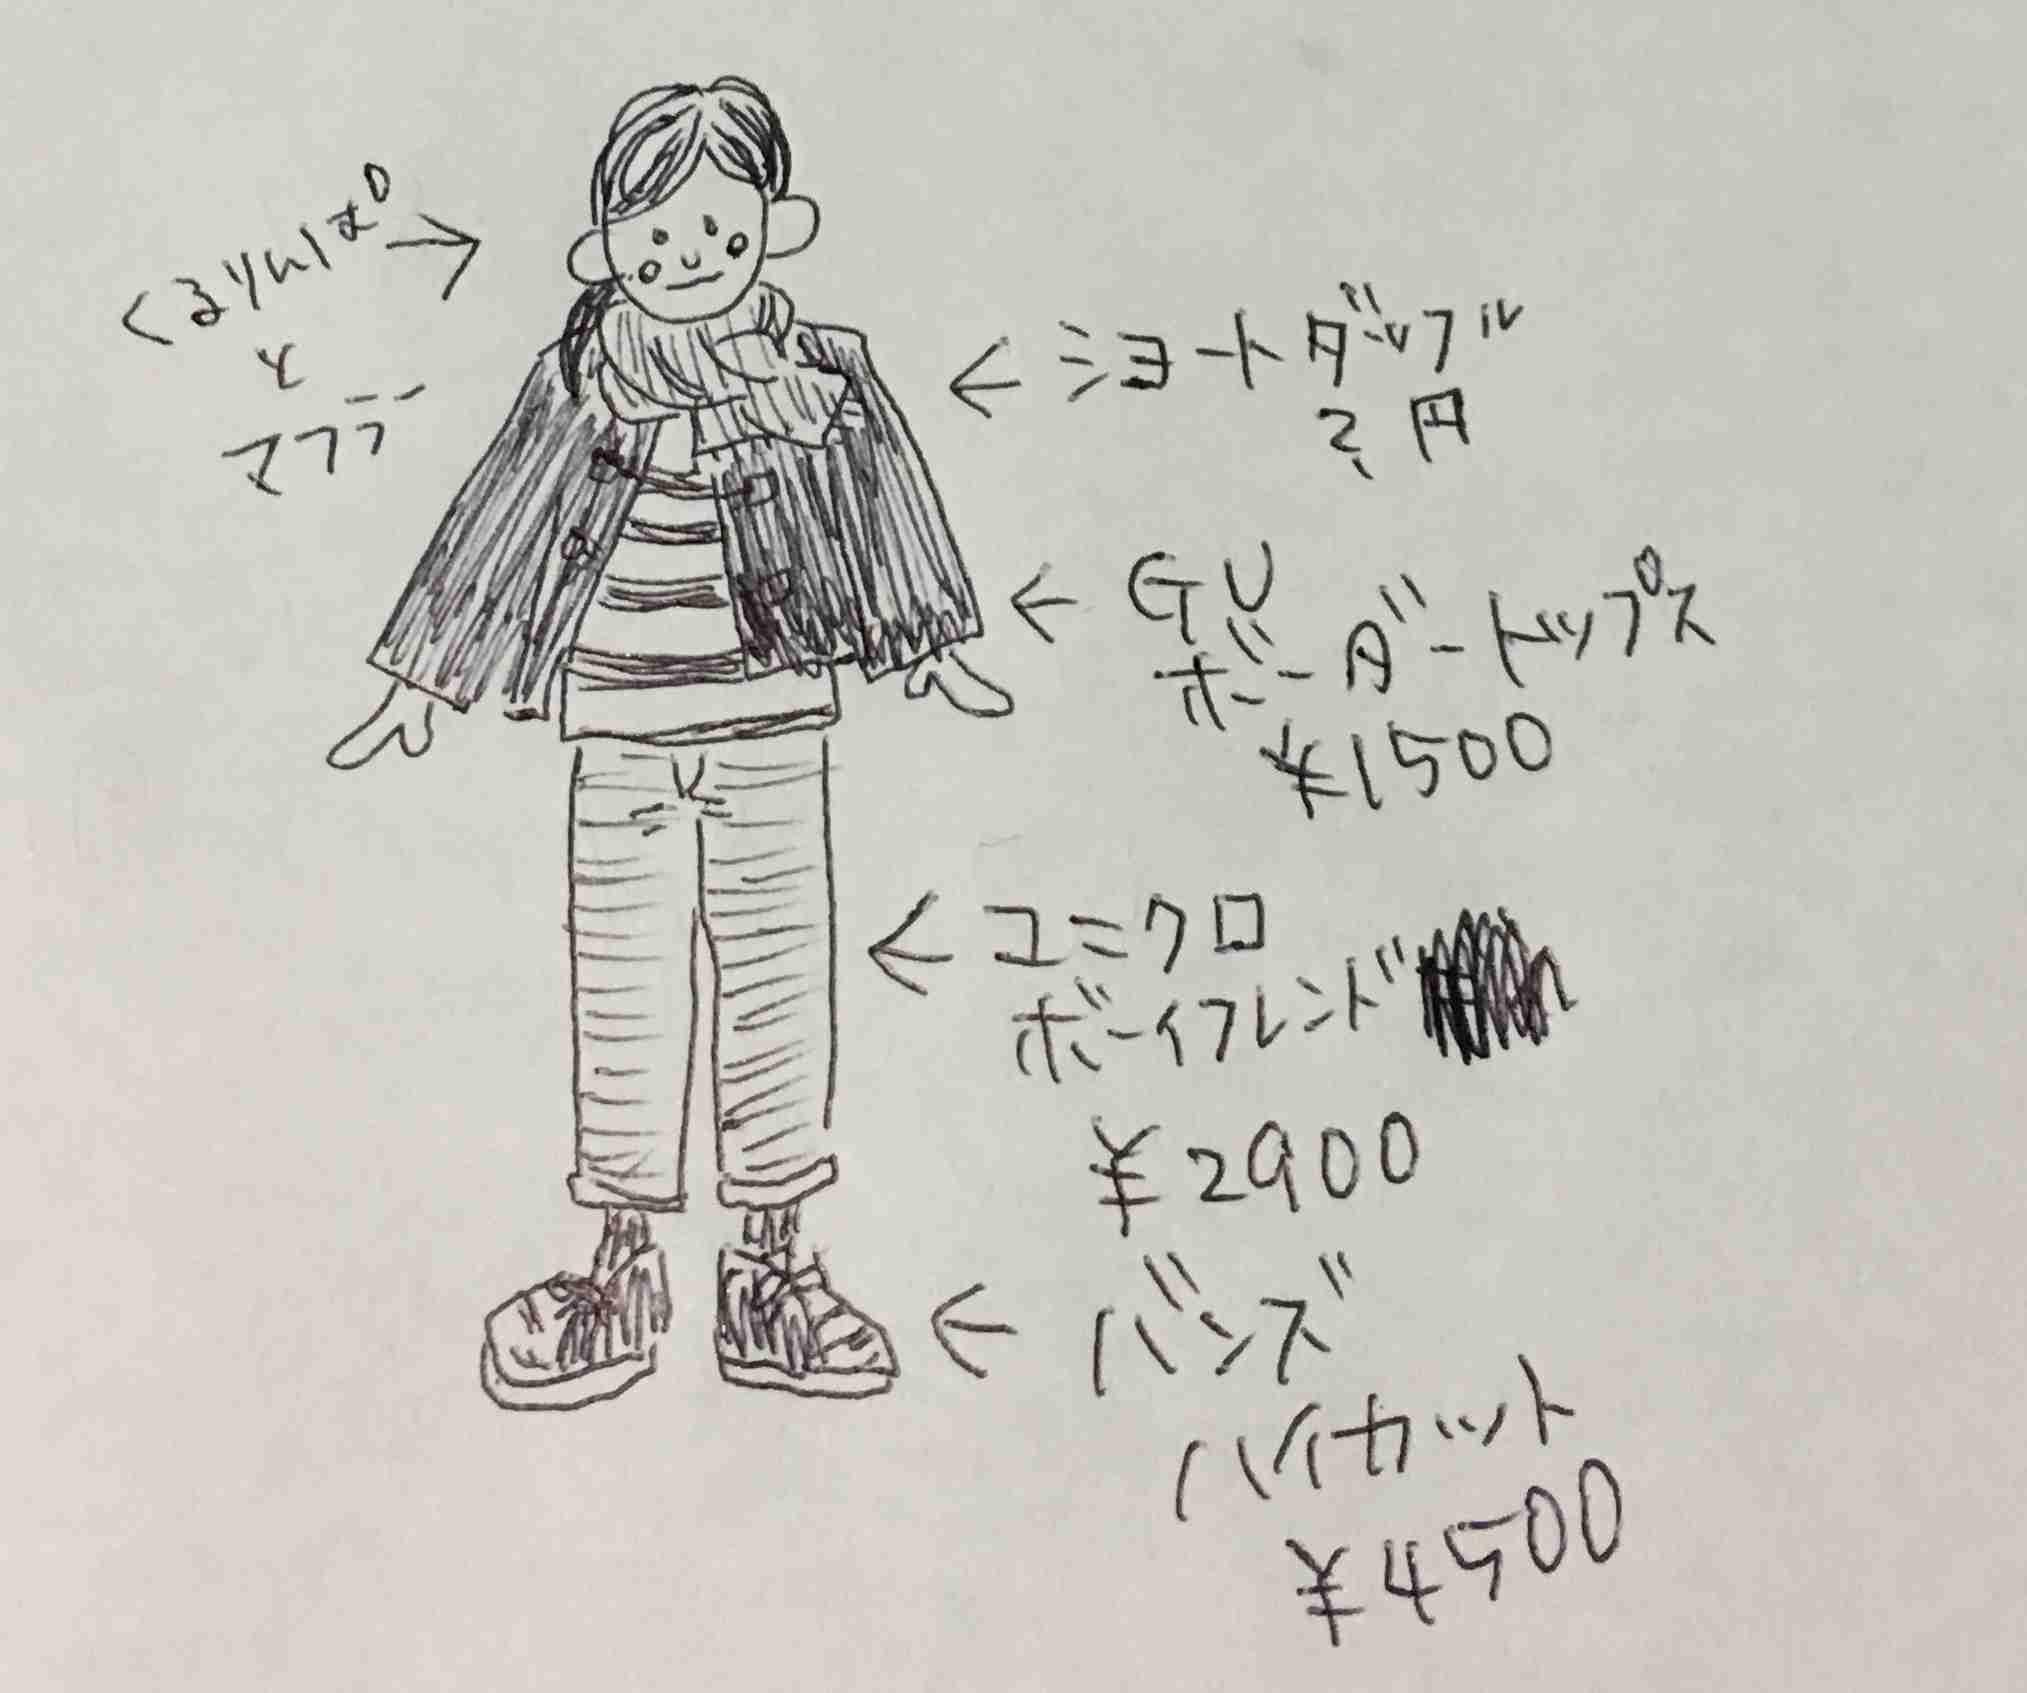 【ガルちゃん民族調査】ガルちゃんの私服